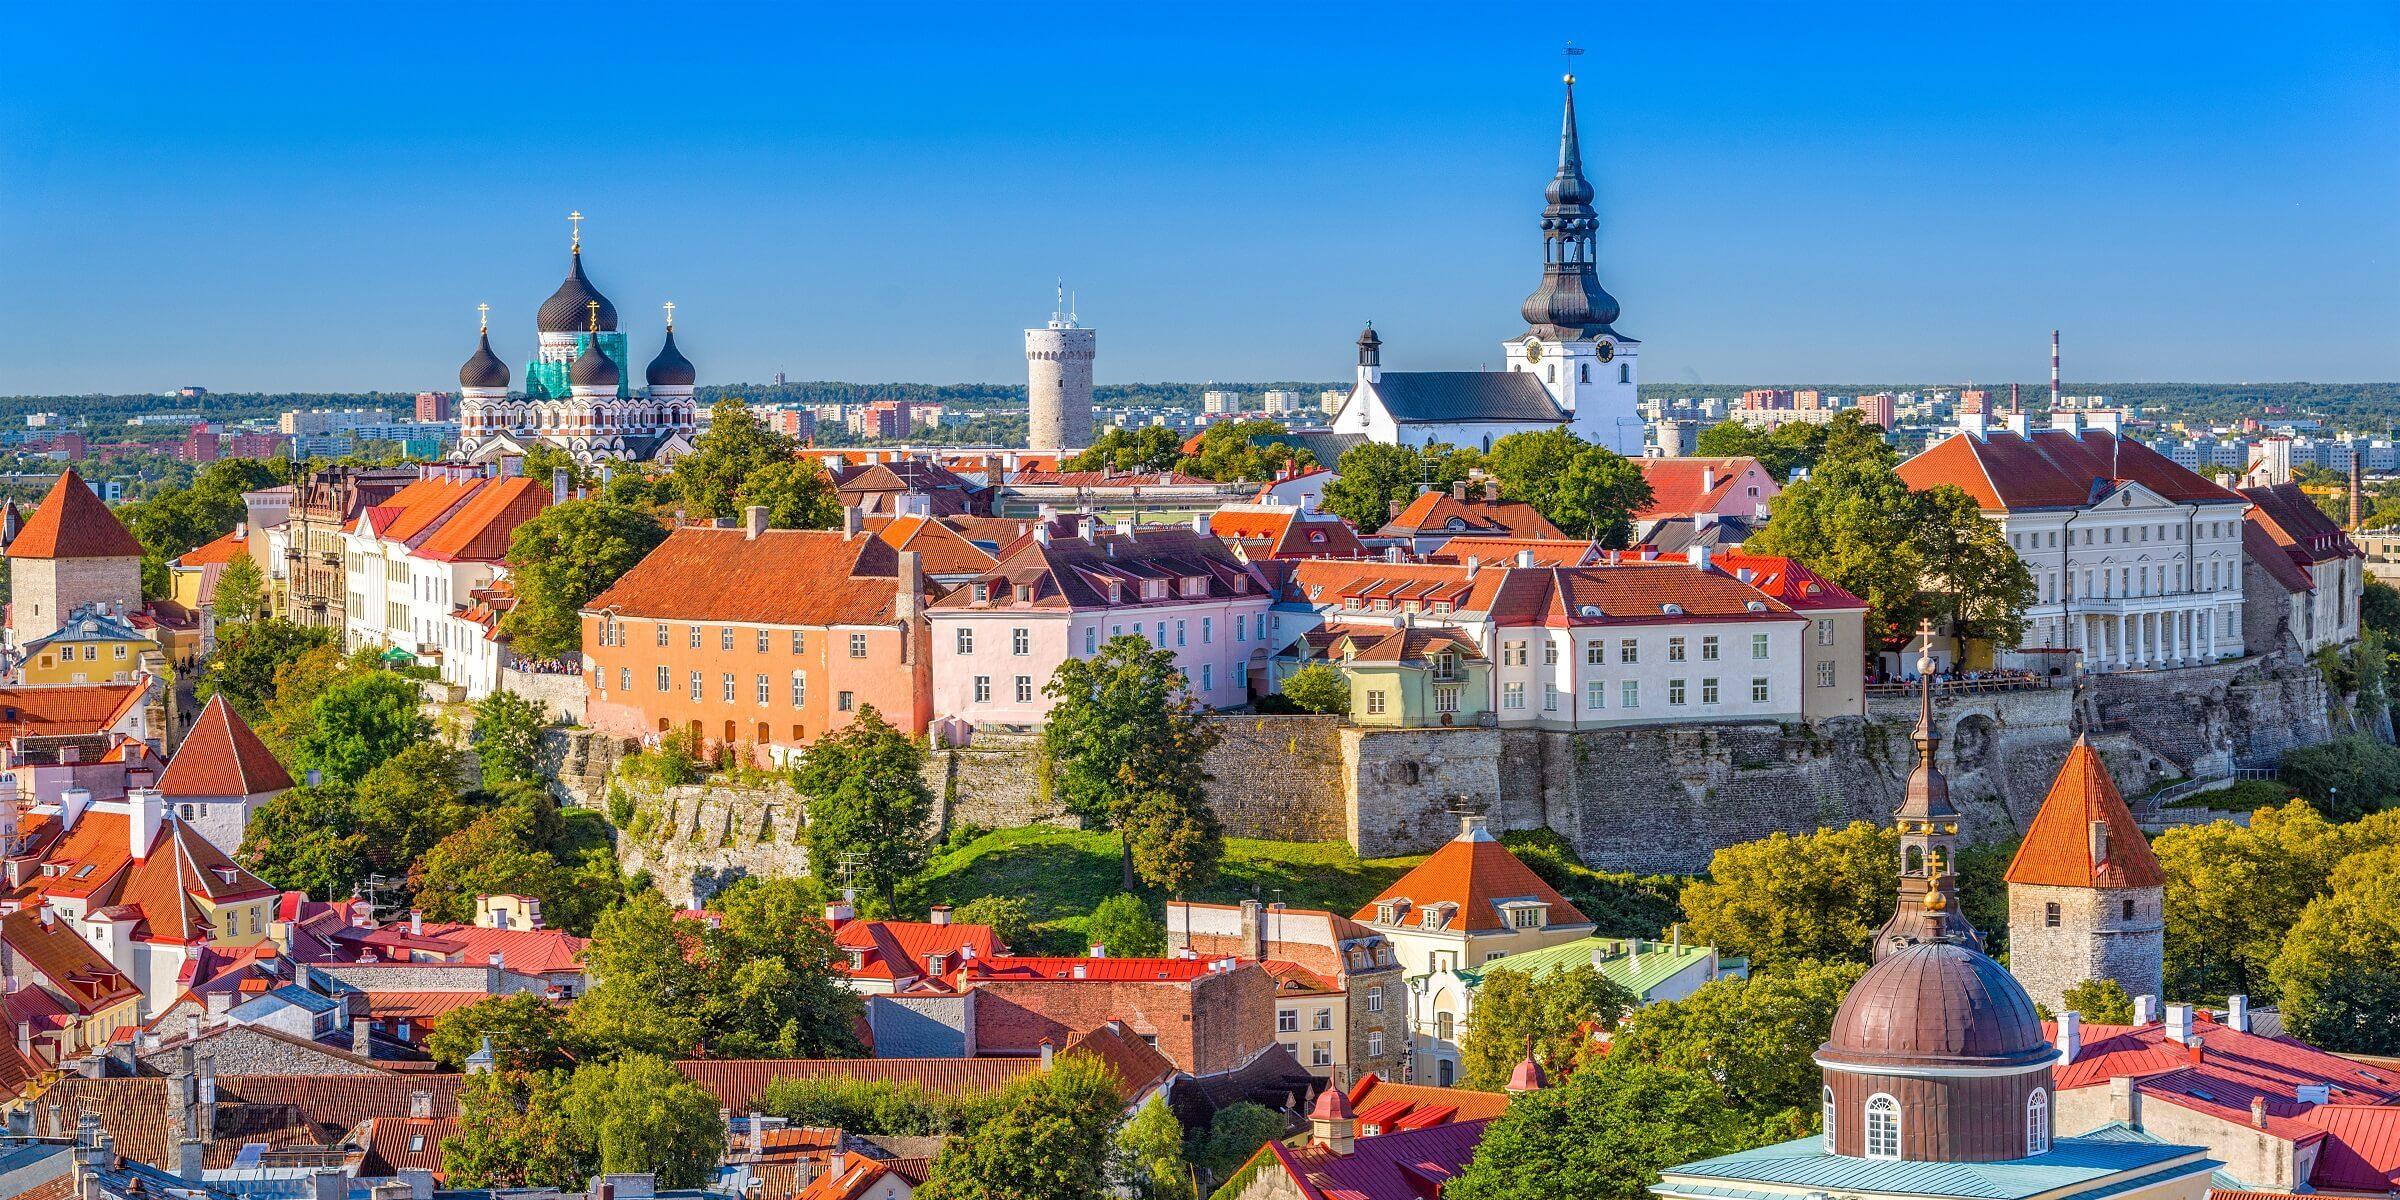 Die Skyline von Tallinn in Estland